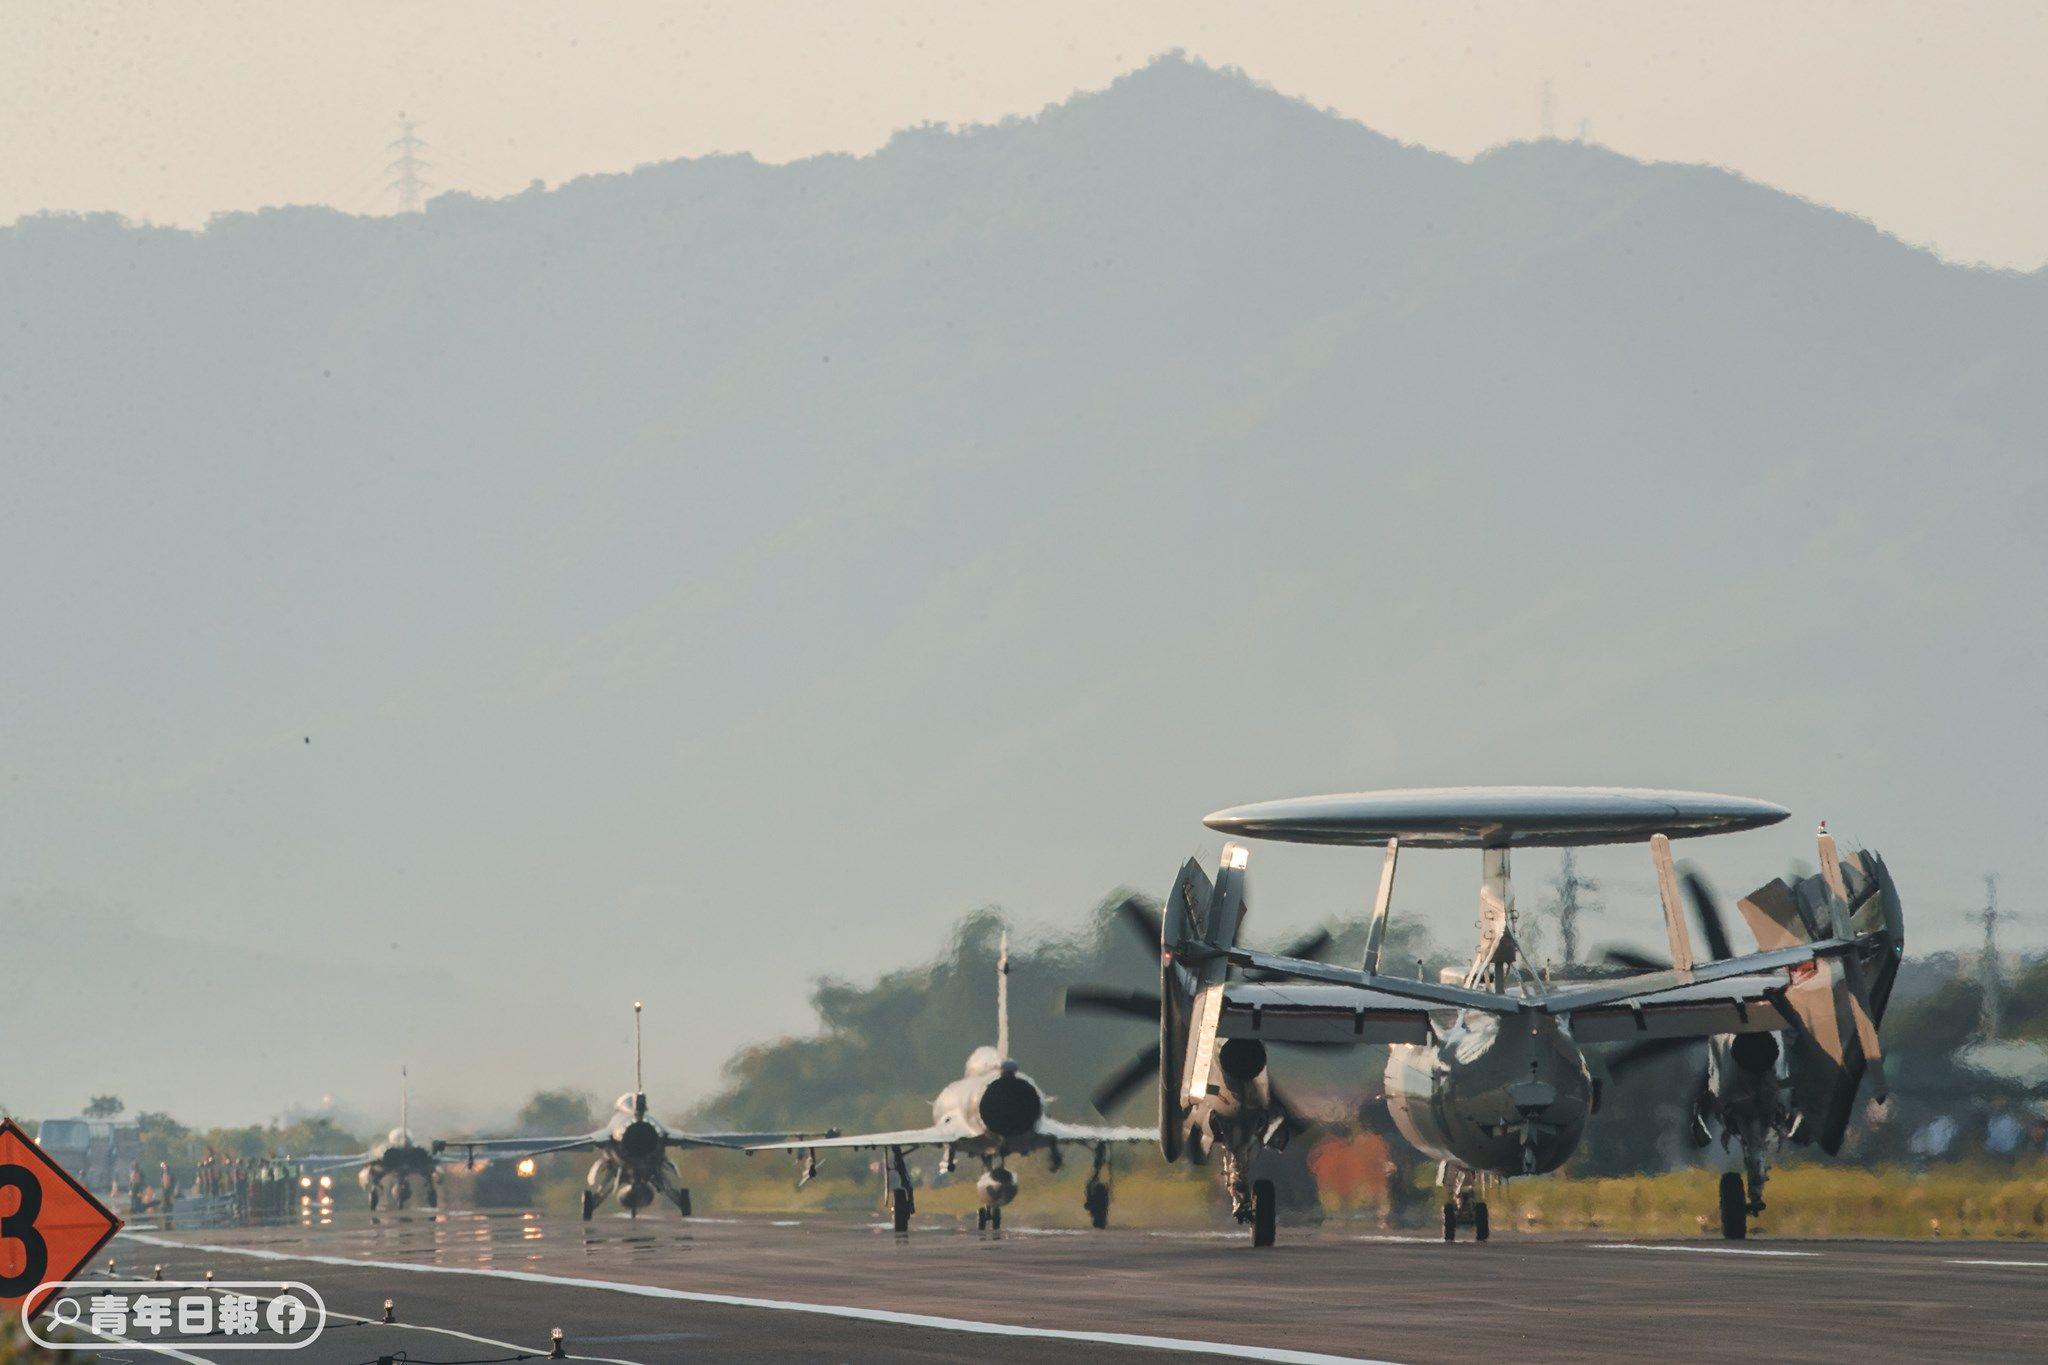 漢光演習,實兵操演,戰備道起降,軍機,F-16V,裝甲部隊